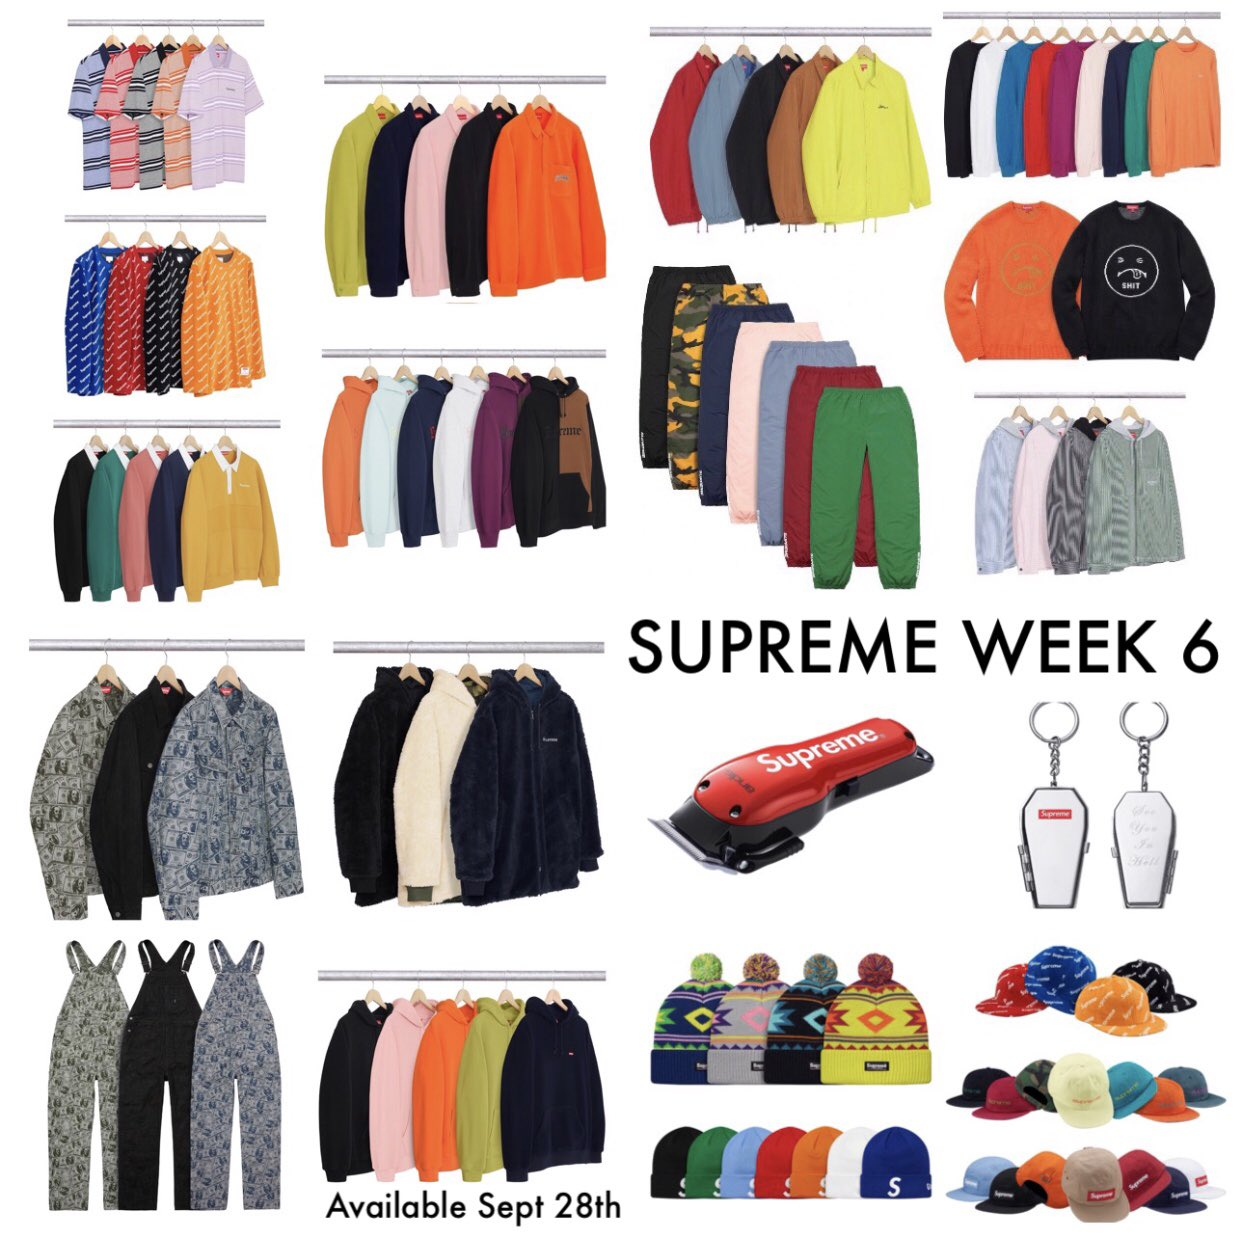 Supreme Week 6